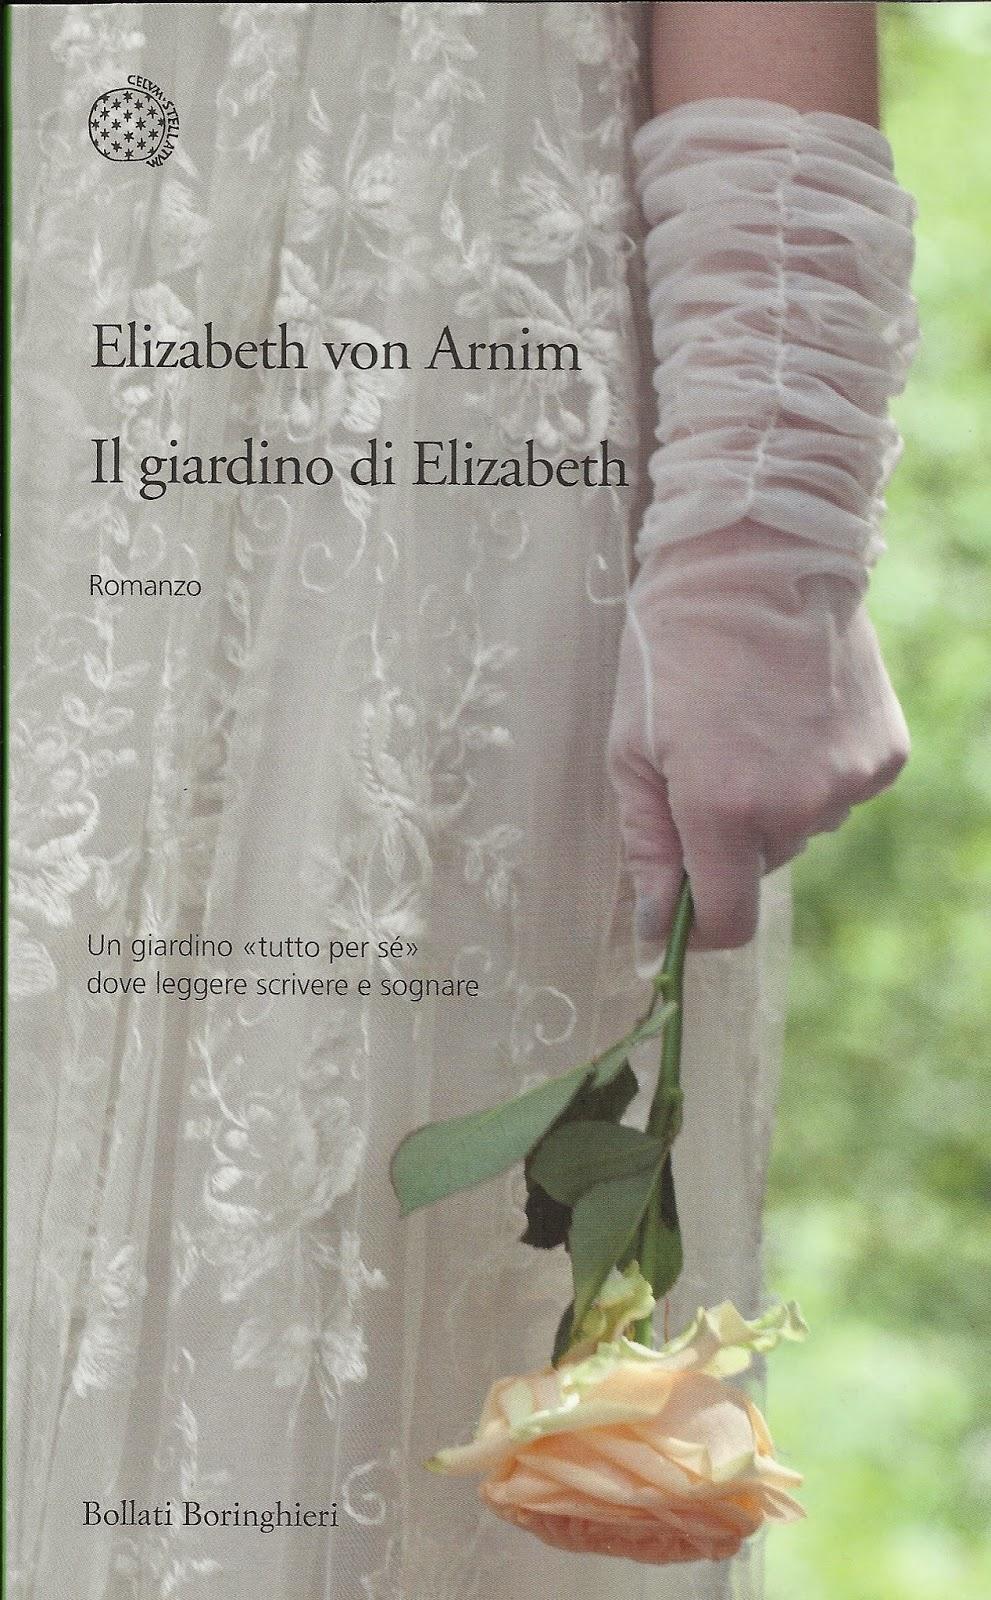 Ilclanmariapia il giardino di elizabeth - Il giardino di elizabeth ...